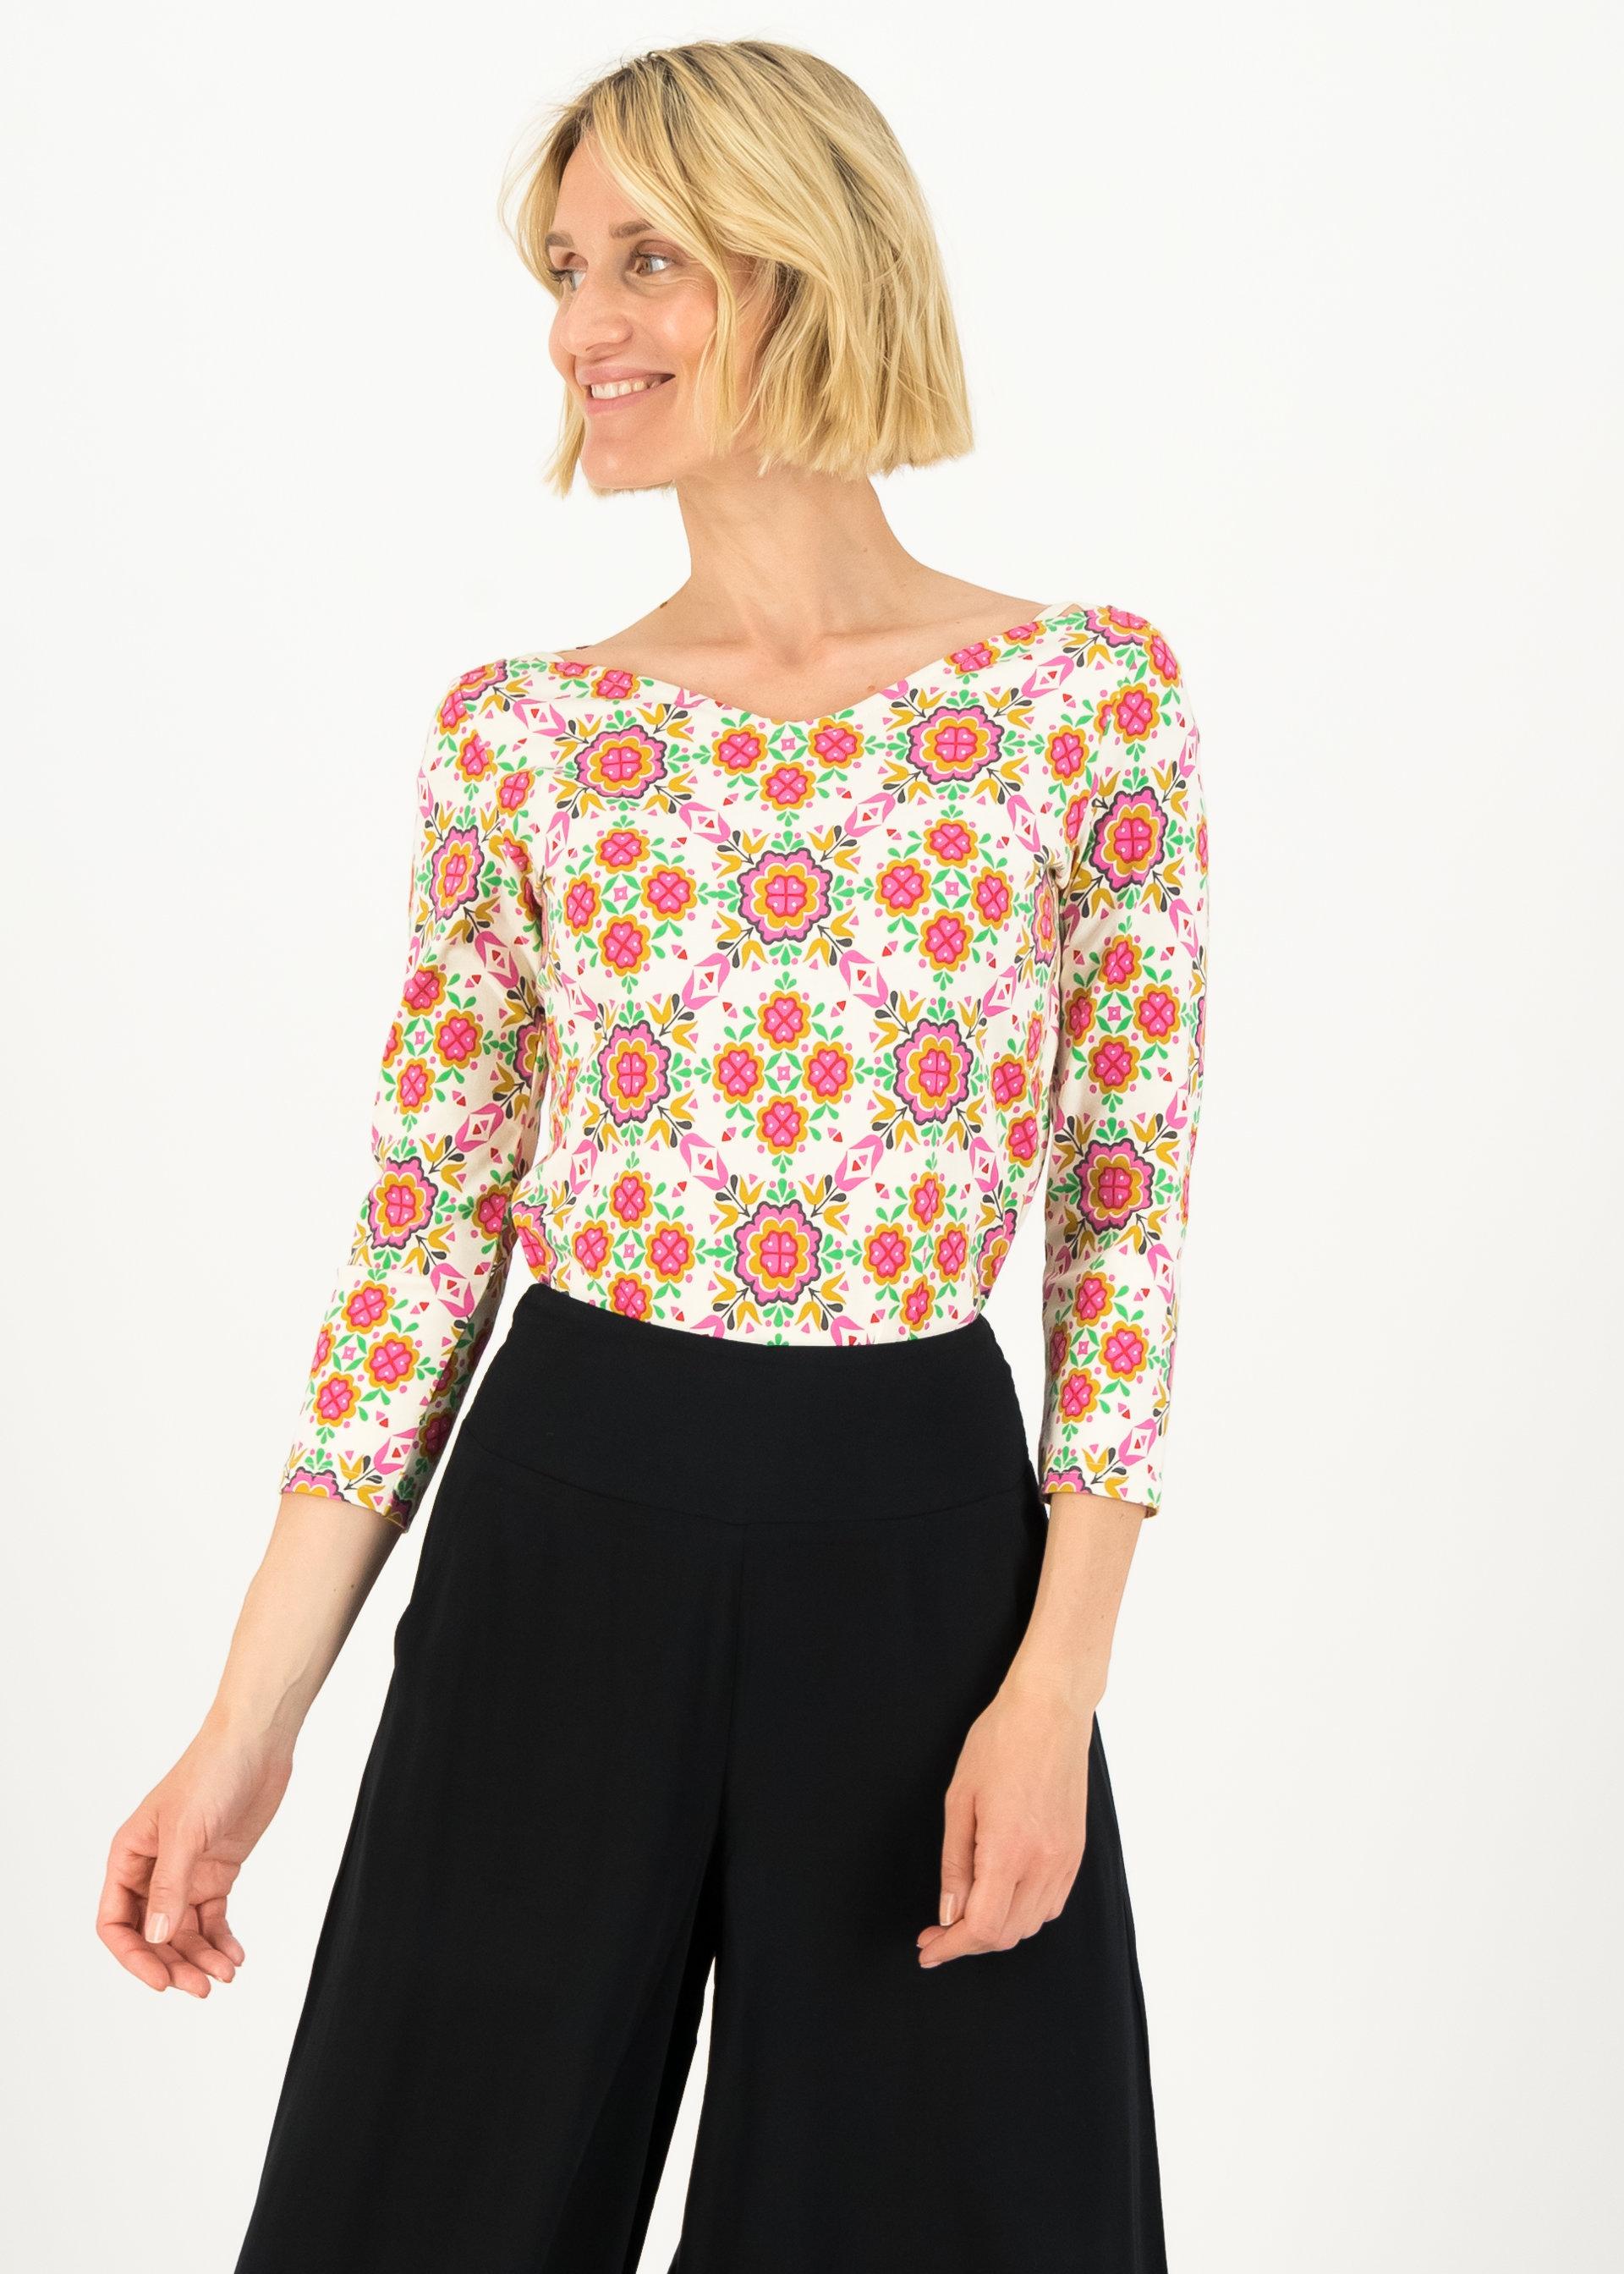 Blutsgeschwister 3/4-Arm Shirt mit floralem Muster weiß